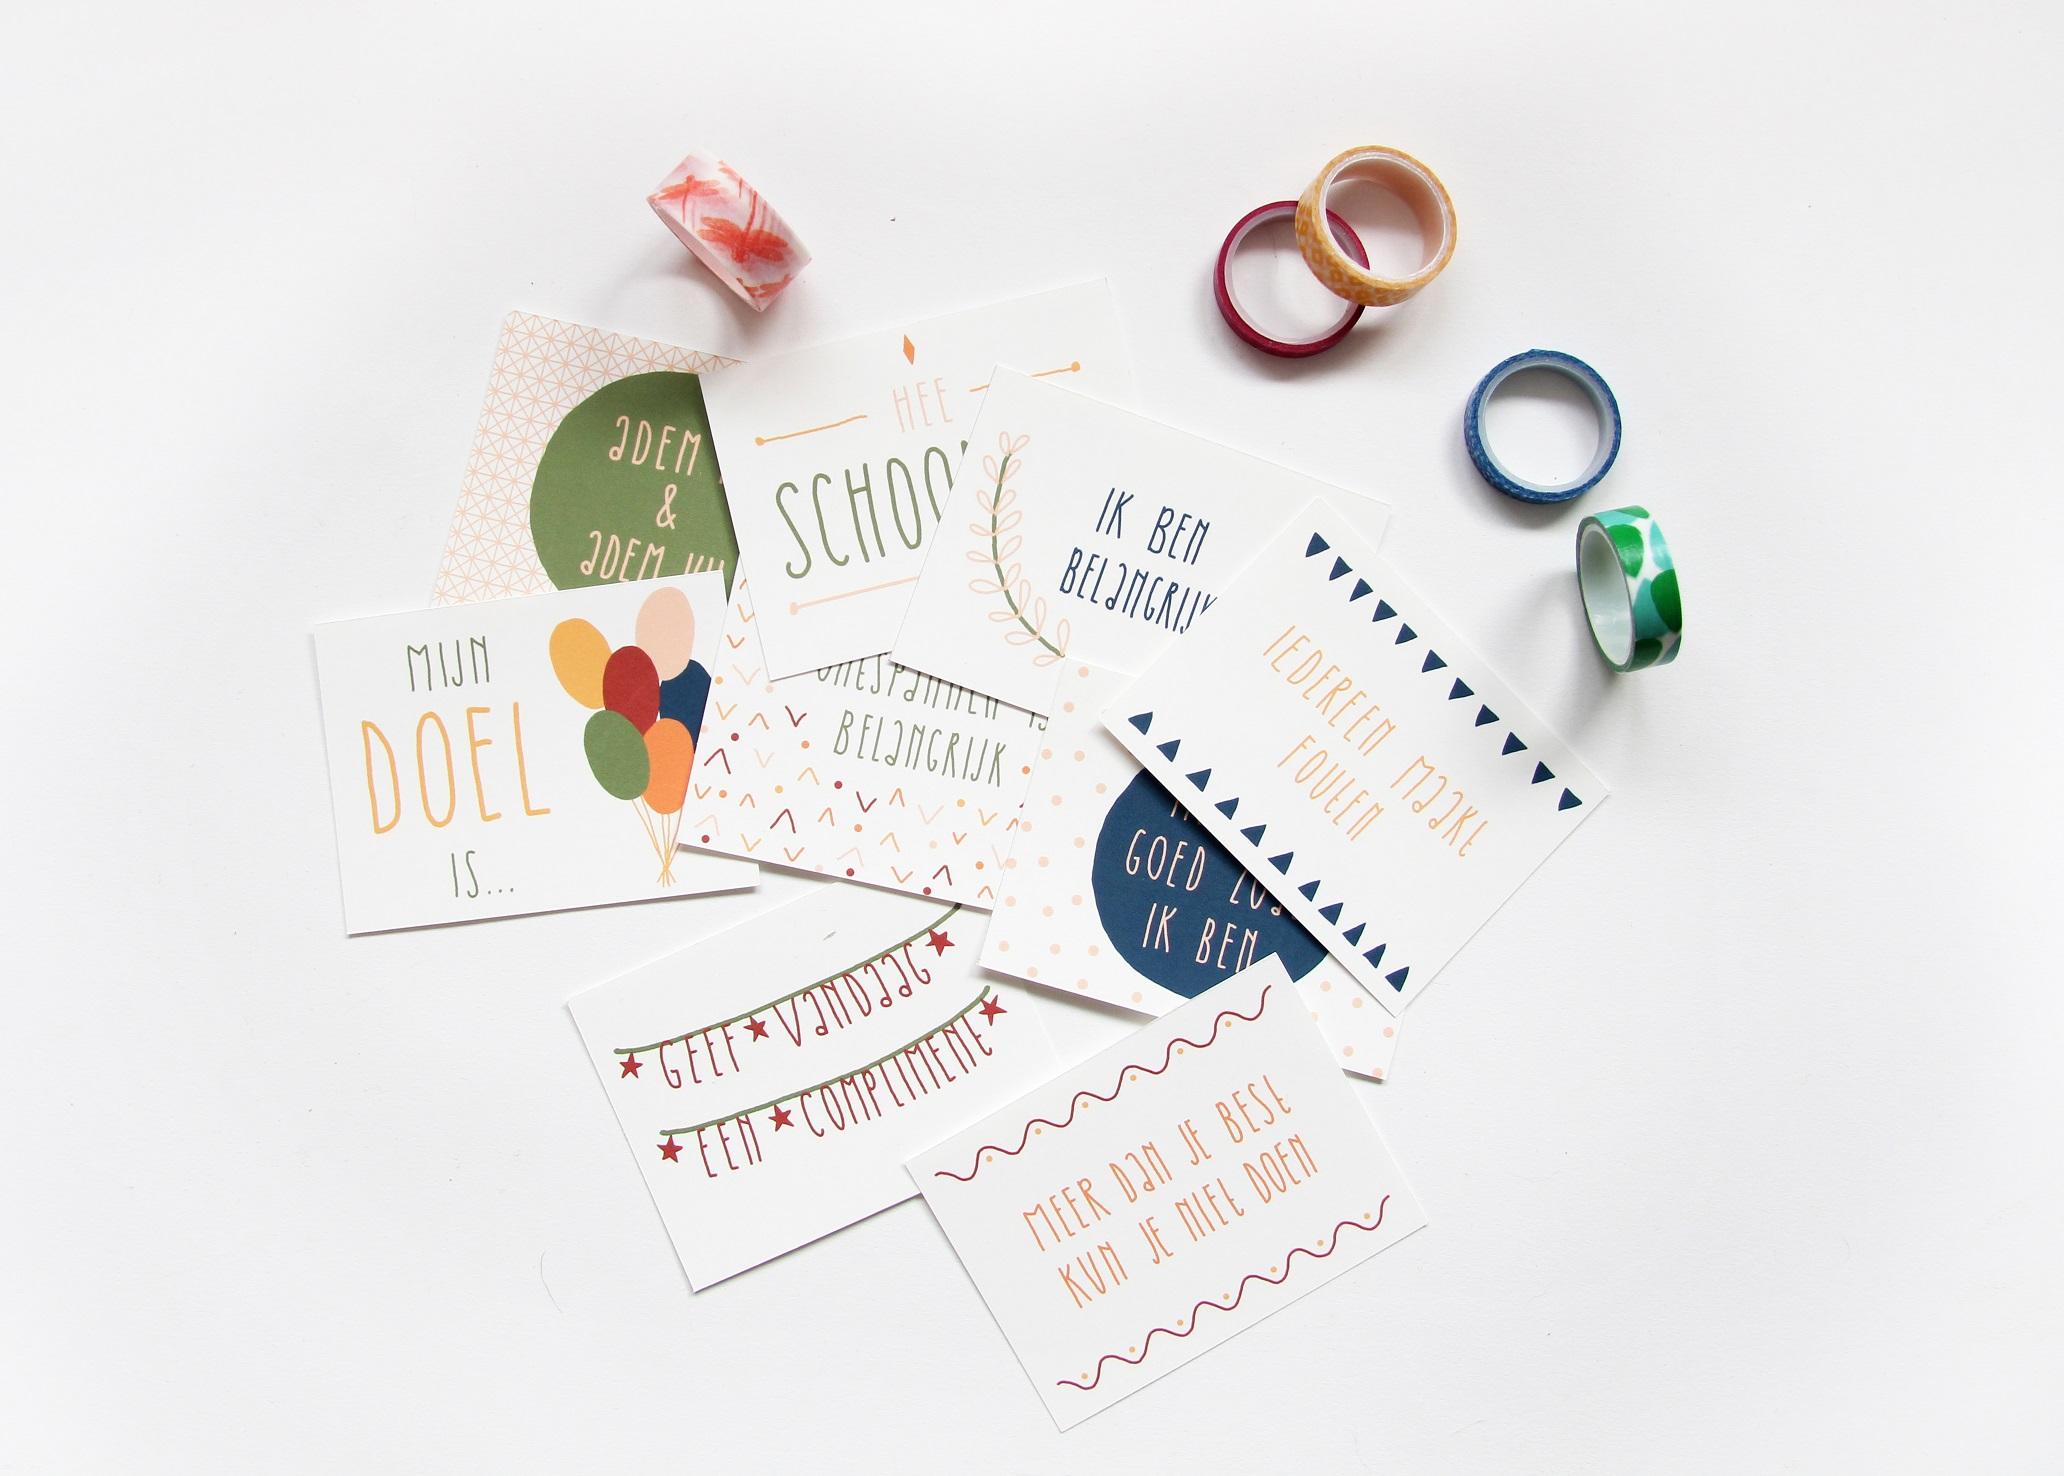 feel good spreuken DIY: Herinner jezelf aan positiviteit met deze feel good notes   V  feel good spreuken